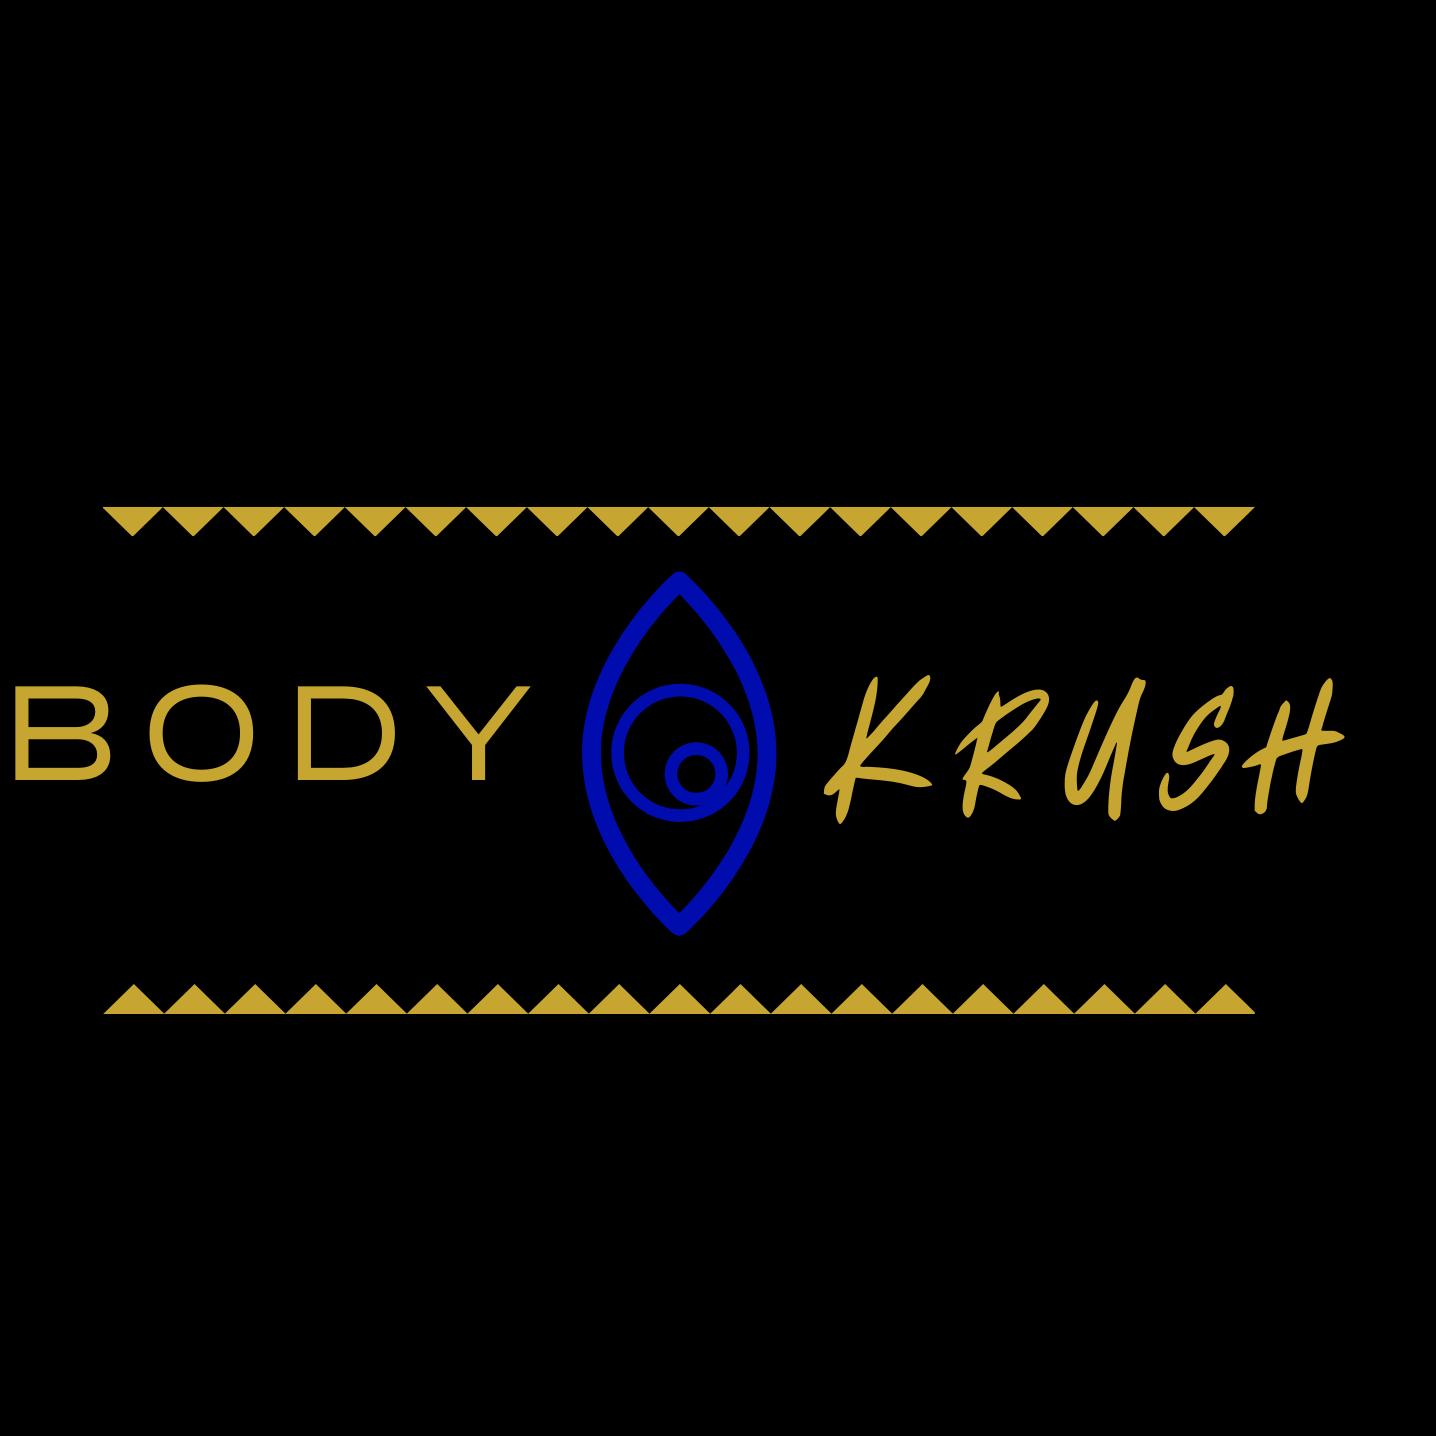 Body Krush